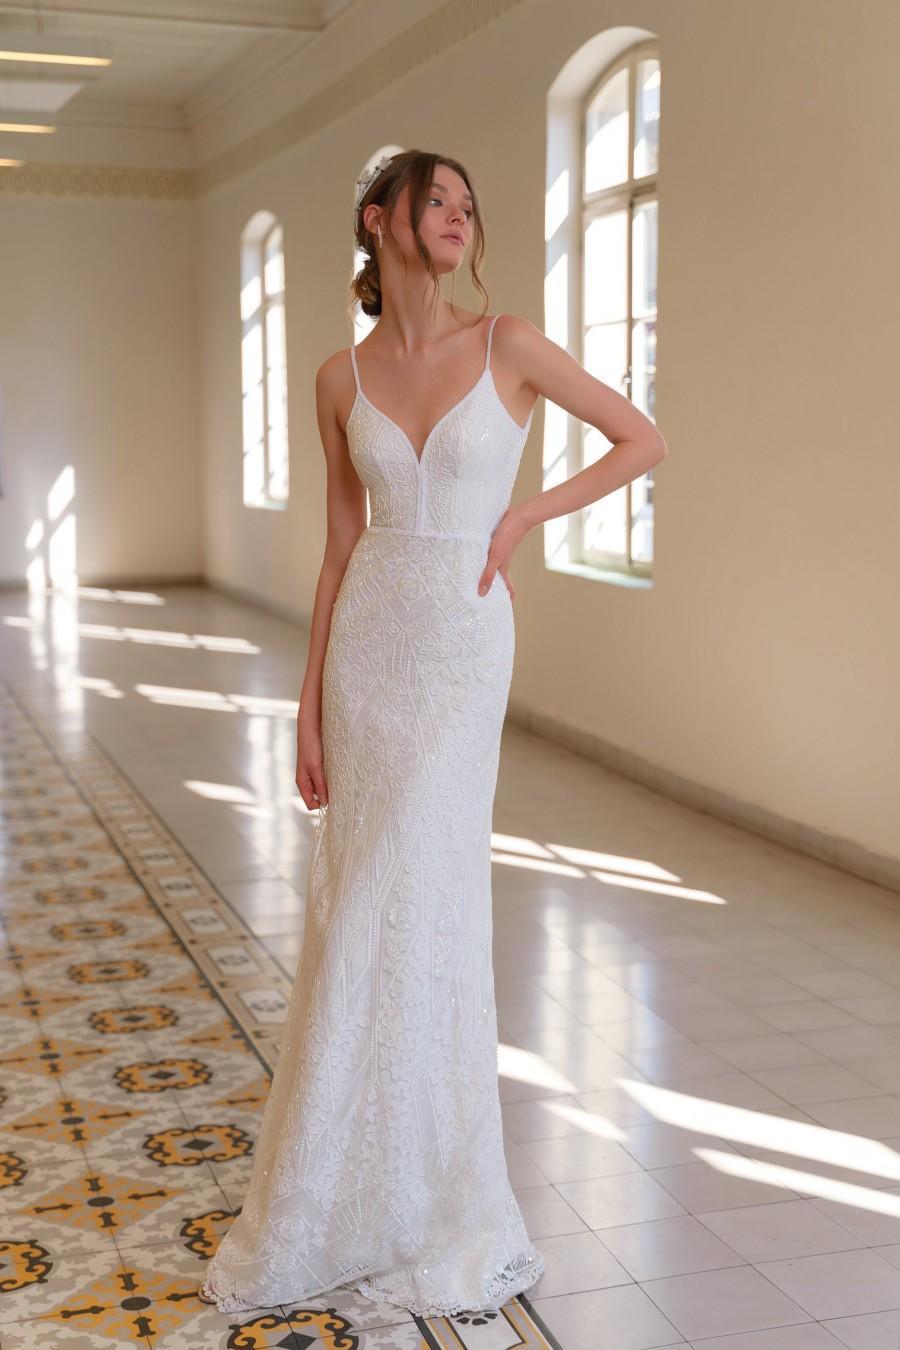 Hochzeit - White Bride Dress, Bohemian Wedding Dress, V Neck Bride Dress, Wedding Gown, Unique Wedding Dress, Bridal Dress, Beaded Lace Wedding Dress